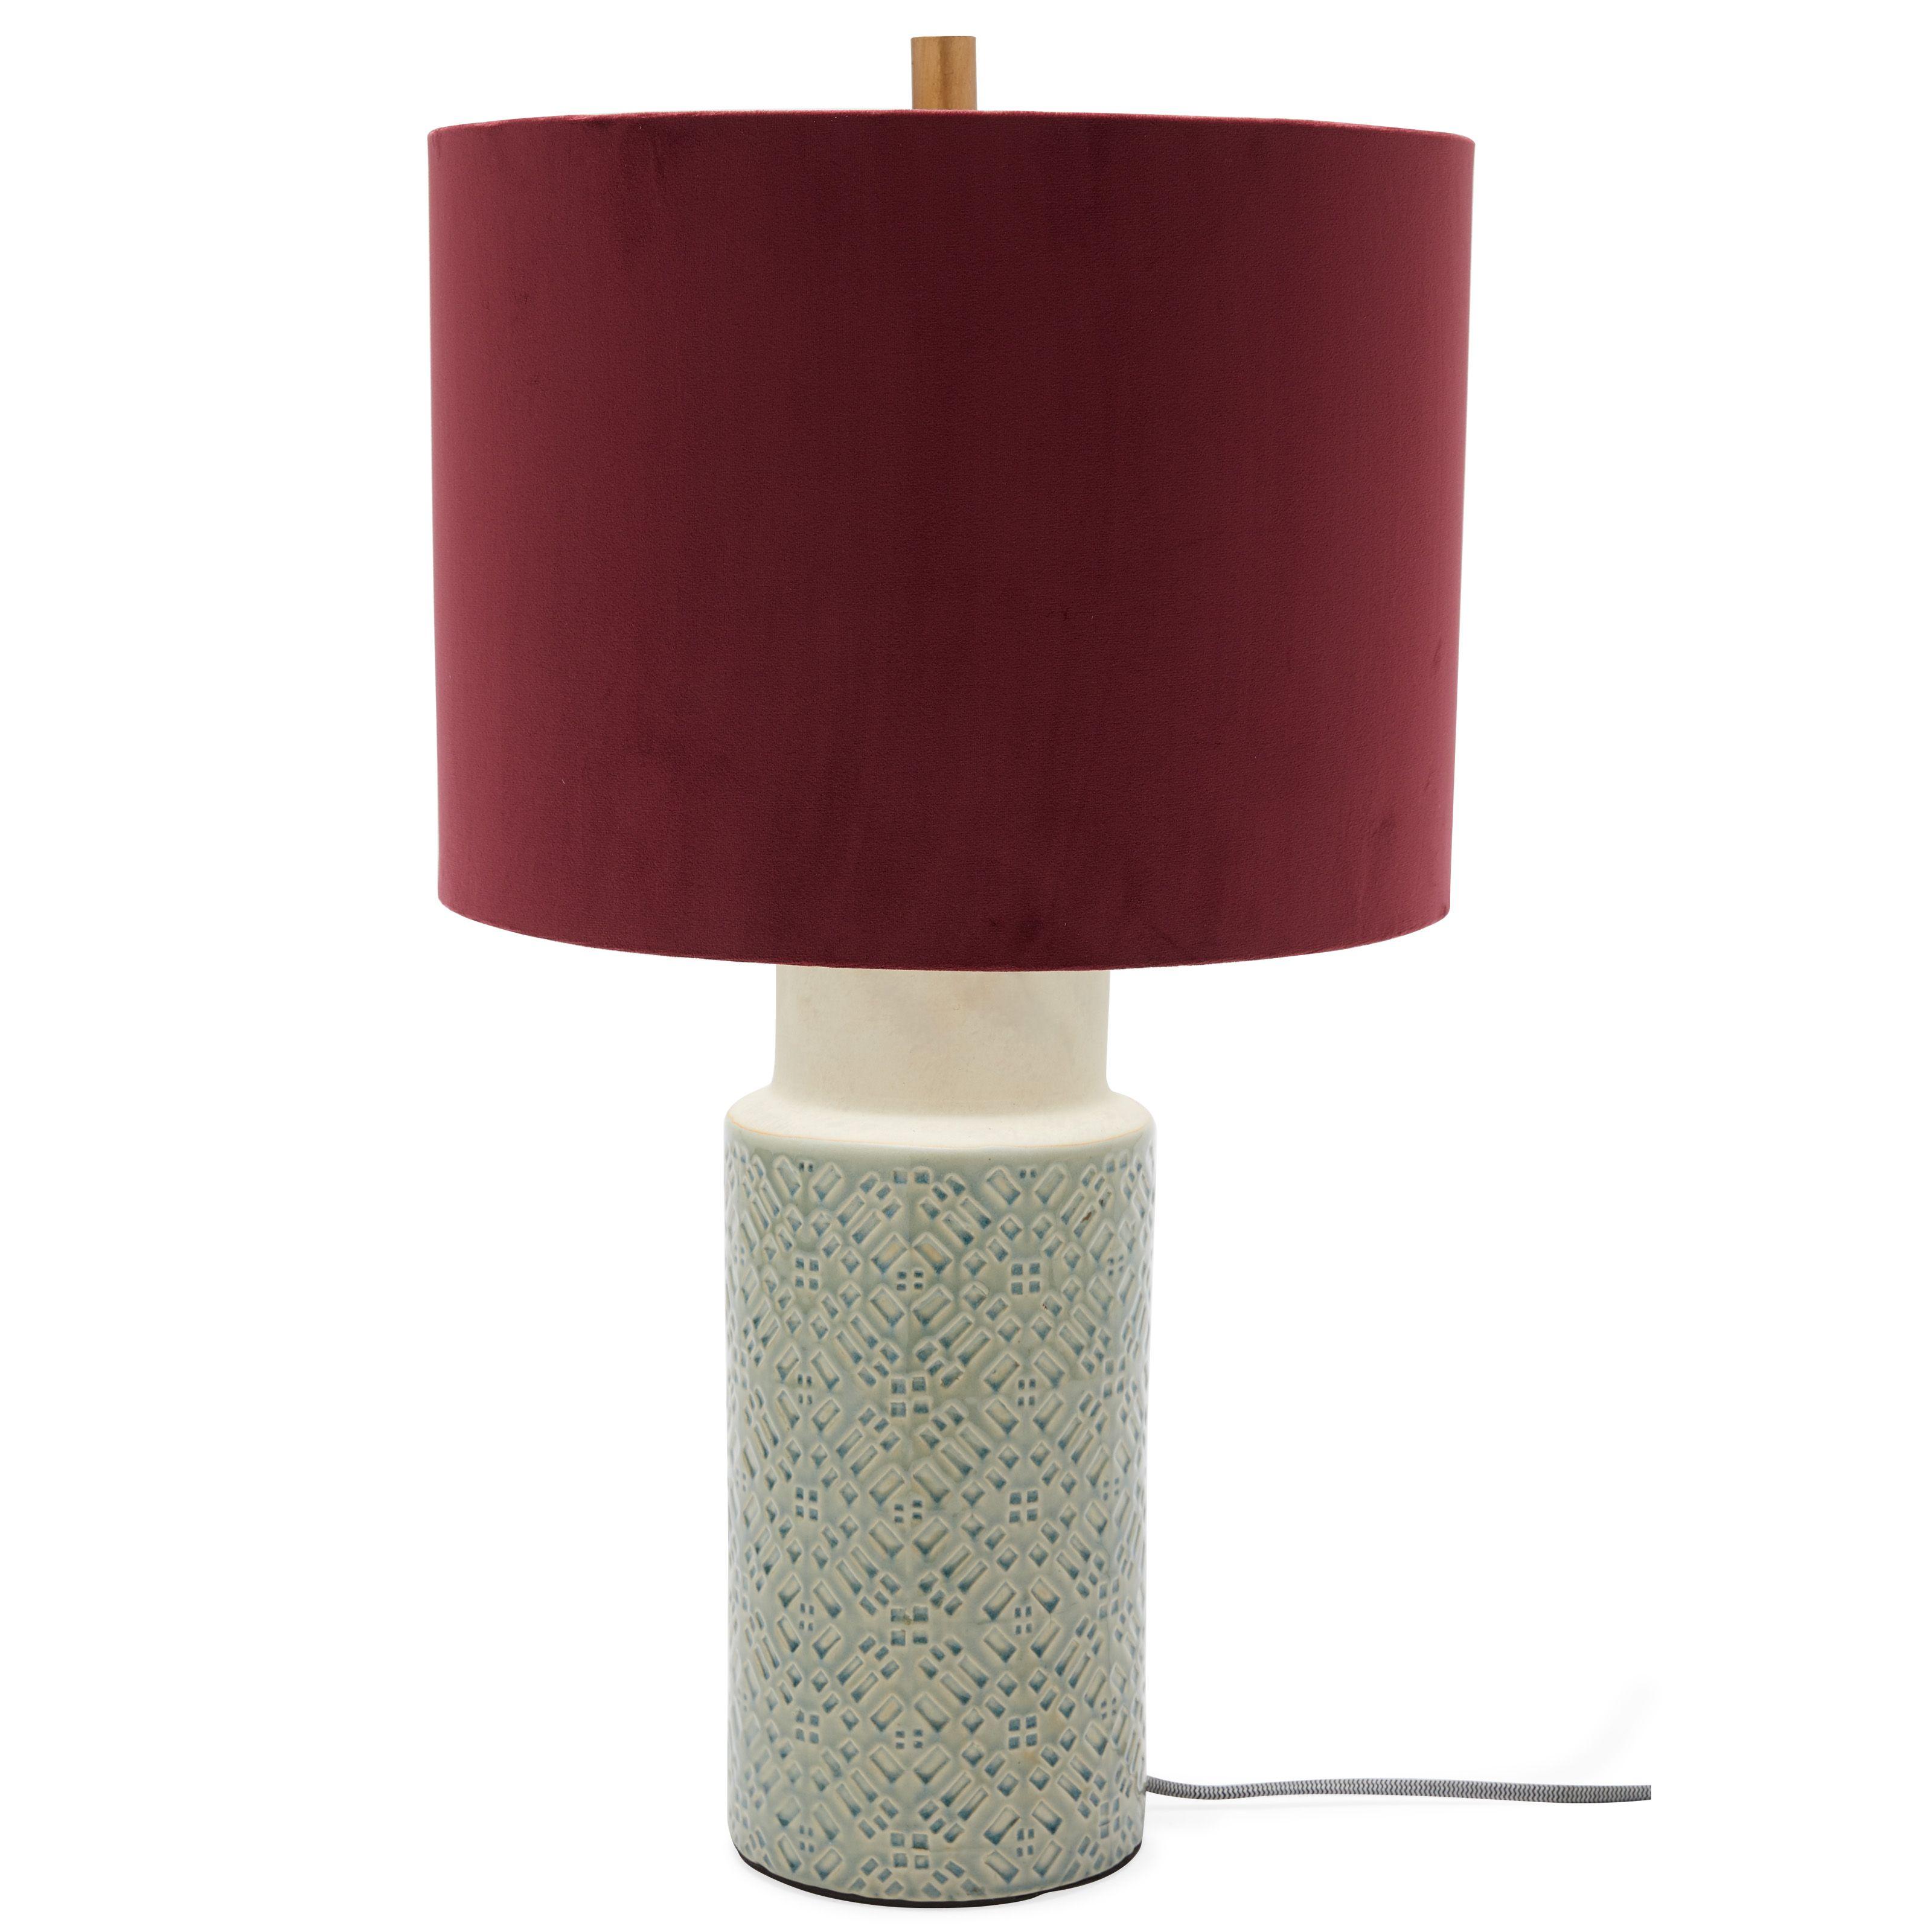 Ceramic Blue Table Lamp With Venetian Wine Velvet Shade By Drew Barrymore Flower Home Walmart Com Lamp Blue Table Lamp Table Lamp